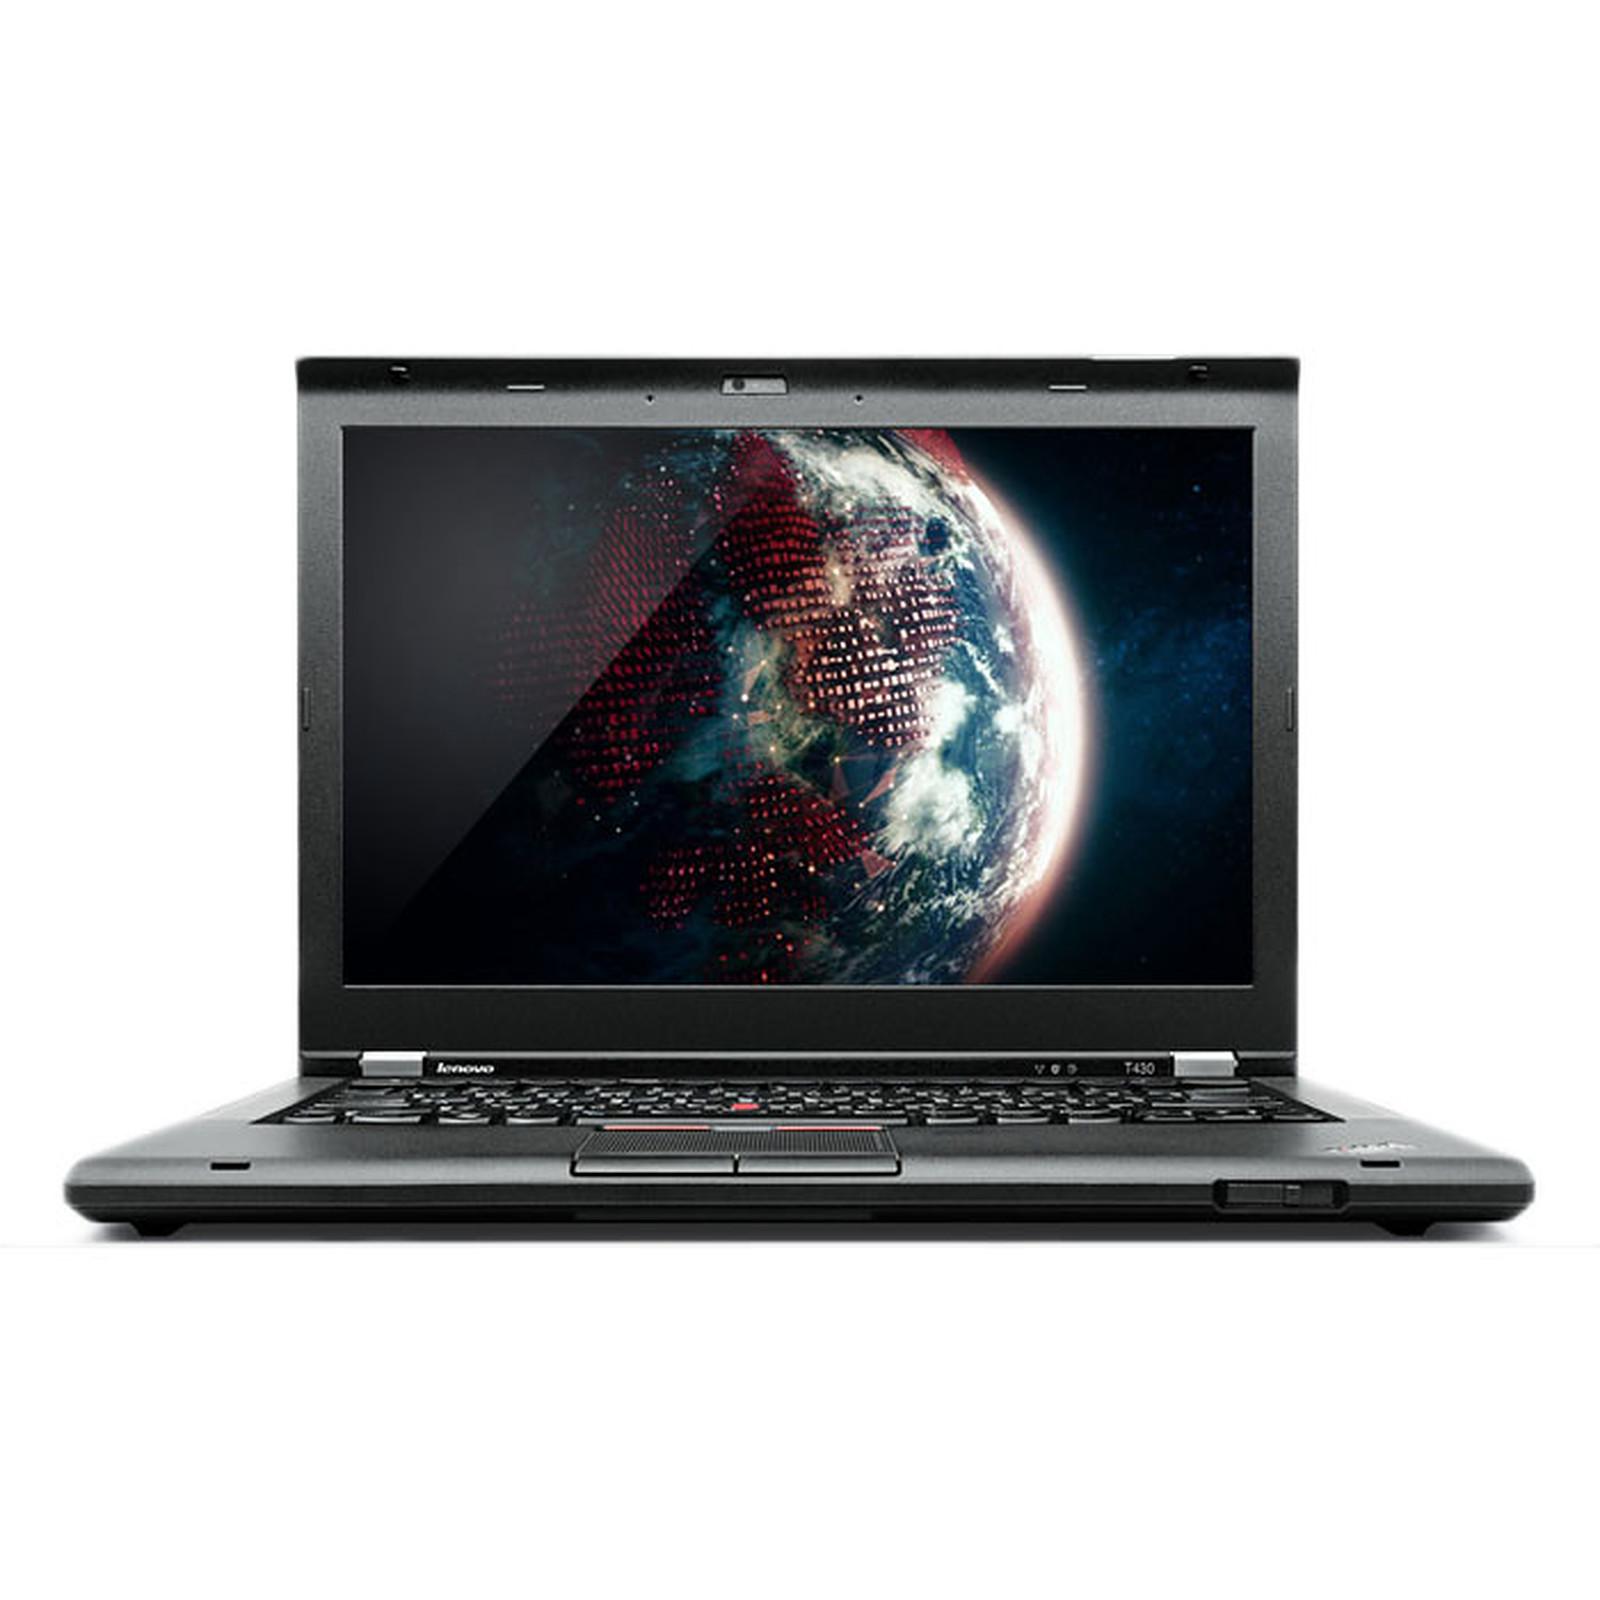 Lenovo ThinkPad T430 (N1XN7FR)